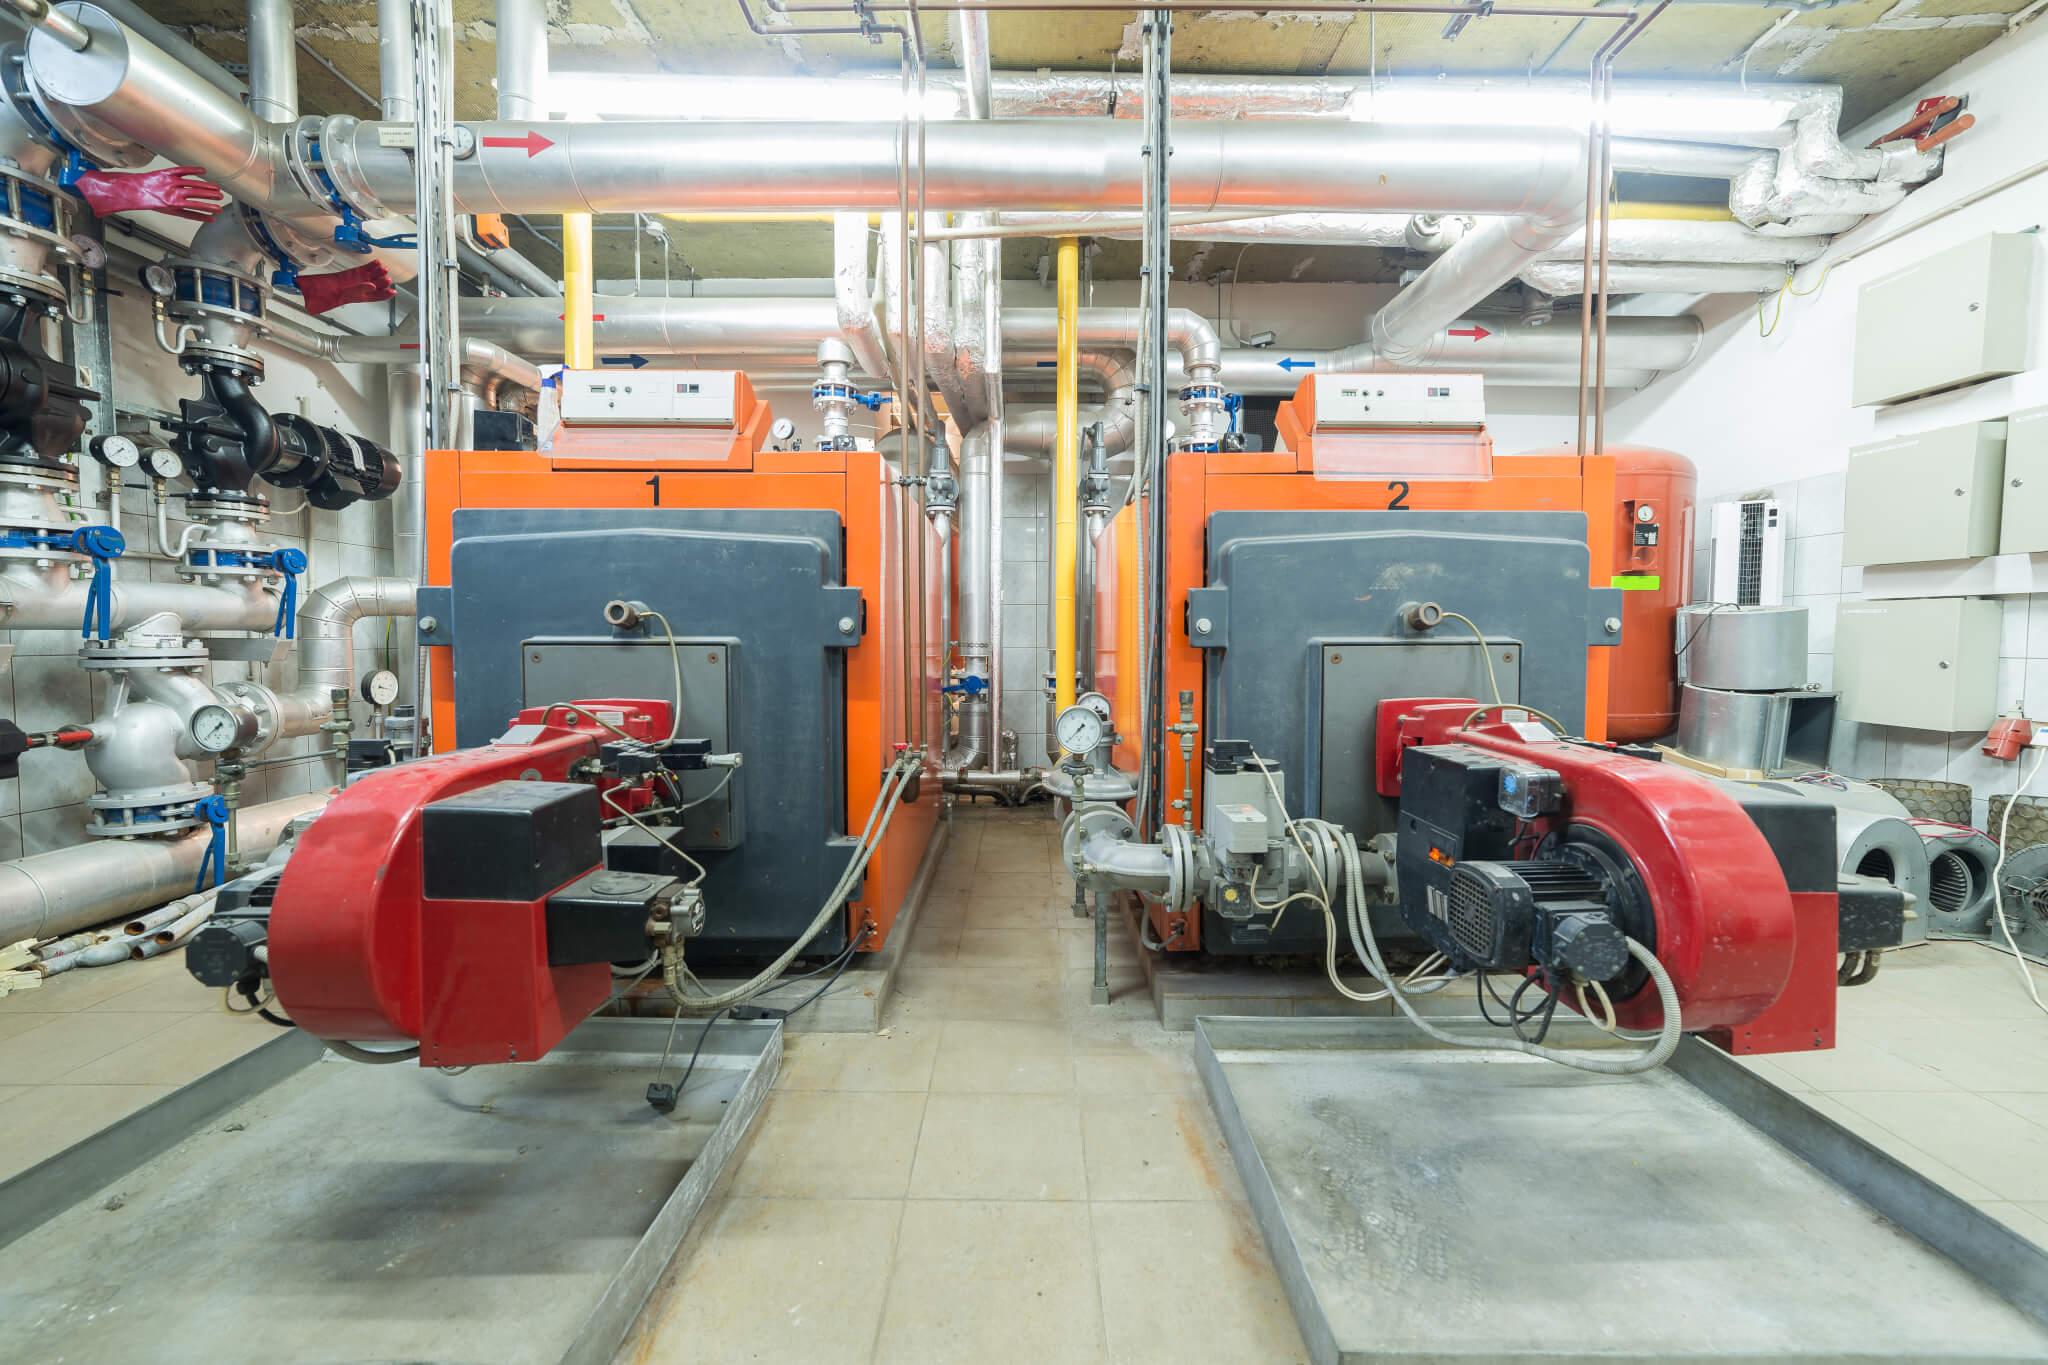 Boiler Repairs Knightsbridge | PNPM